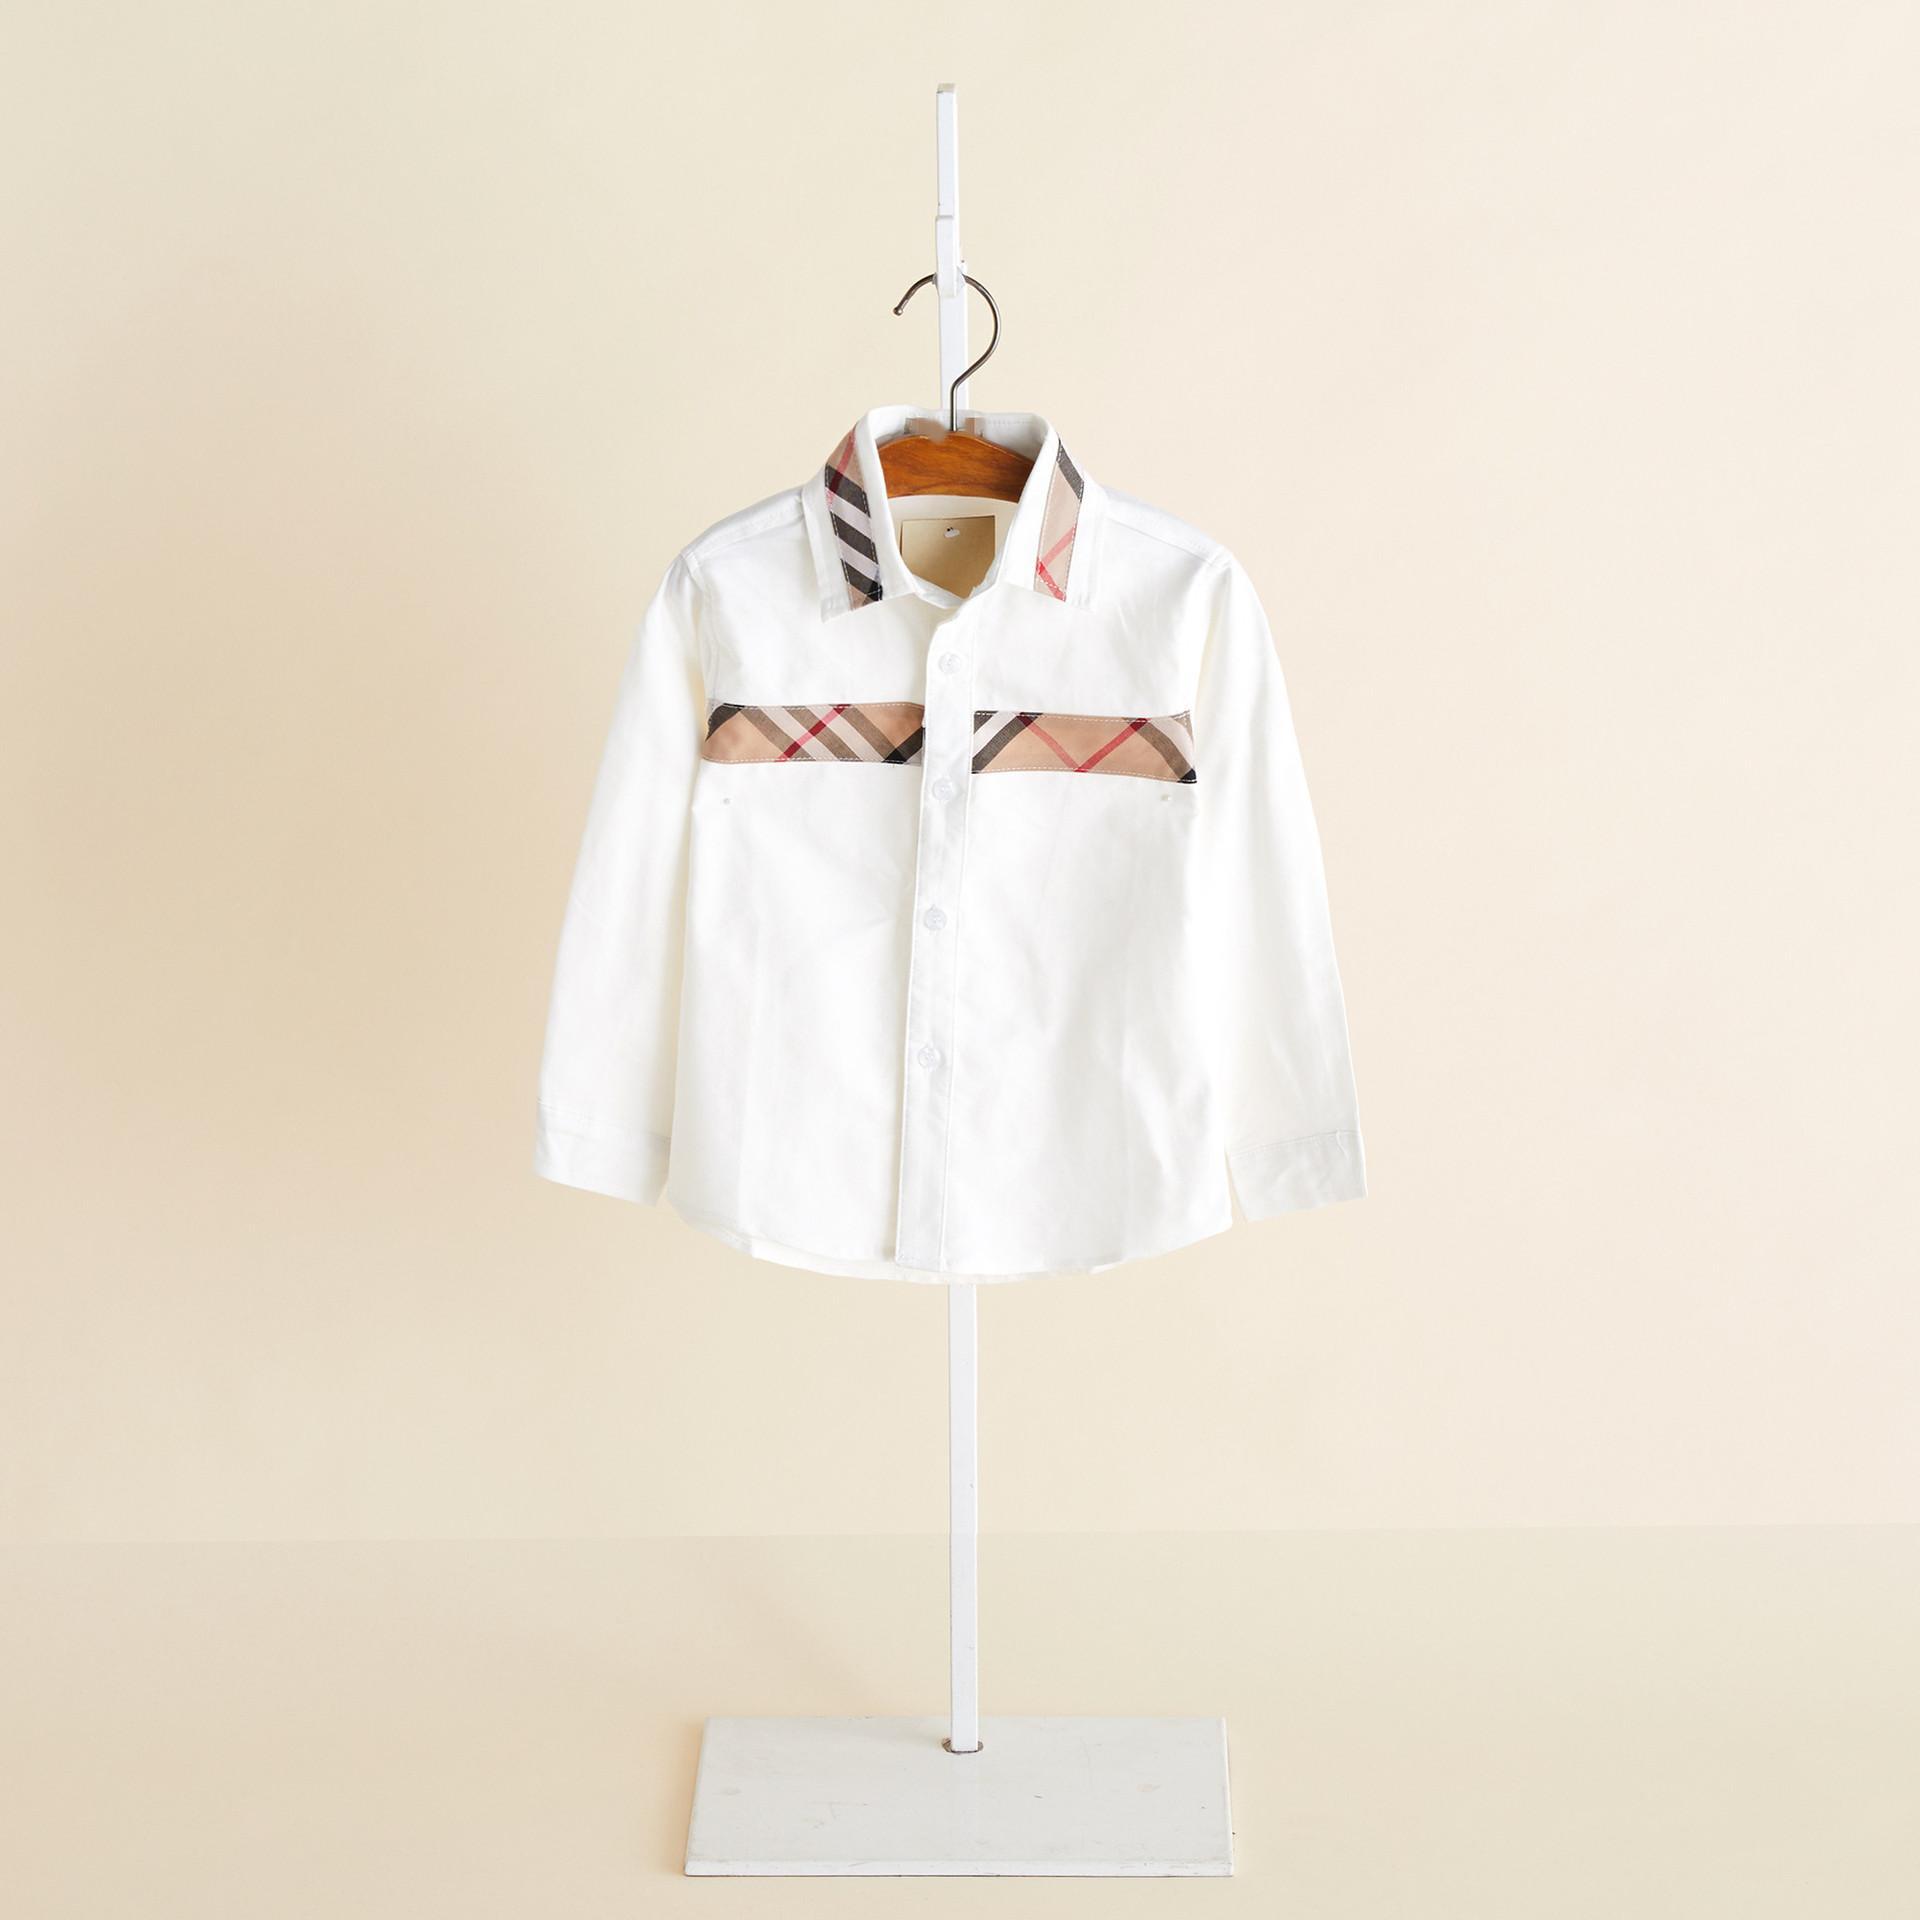 Весна 2020 новых детской одежды детей с длинными рукавами рубашки платья белые рубашки мальчиков клетчатую рубашку шить